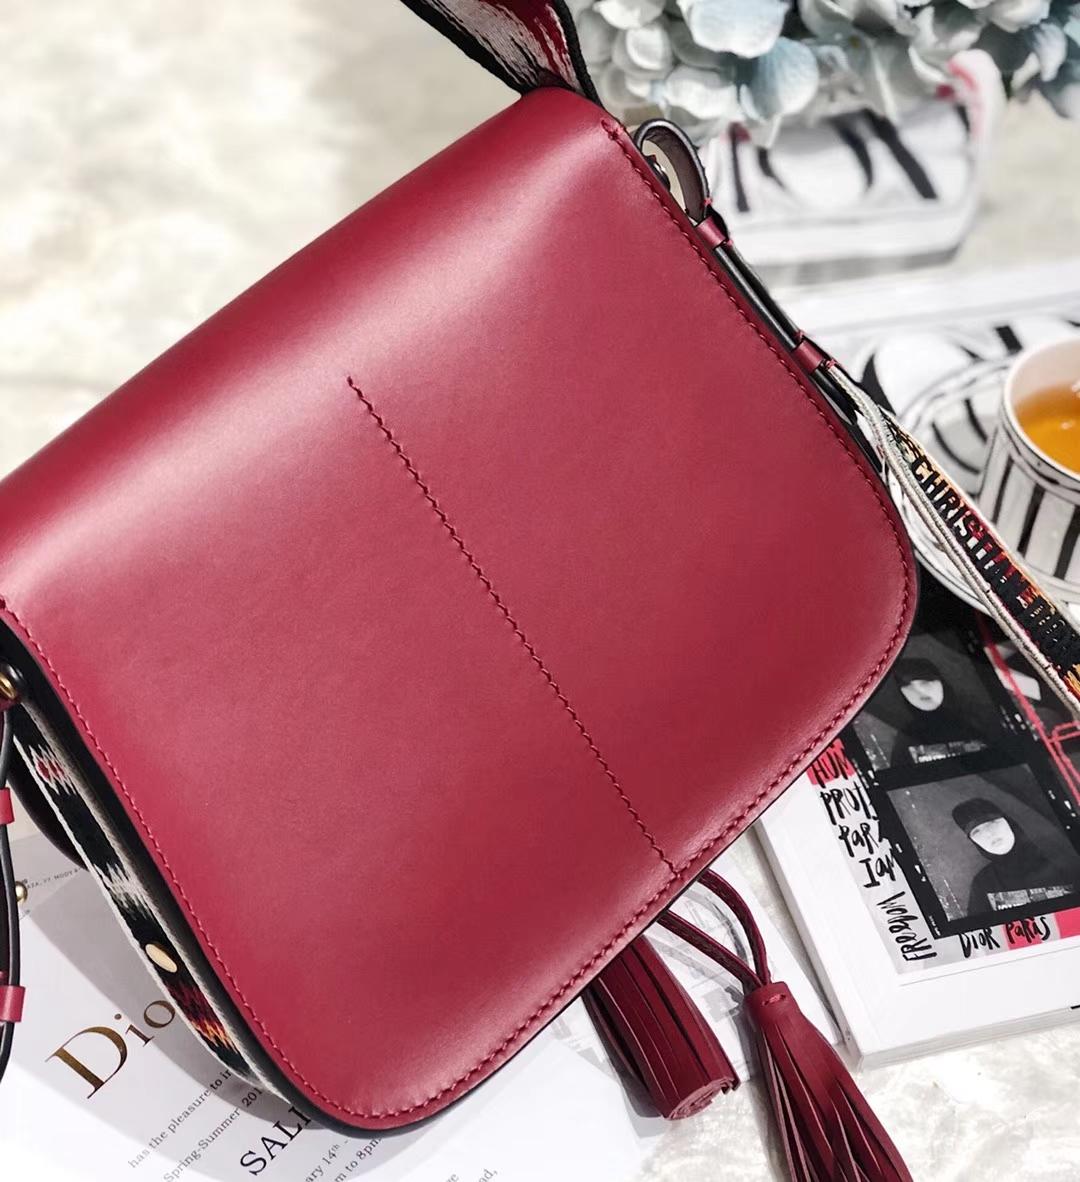 Dior女包价格 迪奥2019早春新款波西米亚风情马鞍包单肩包 红色